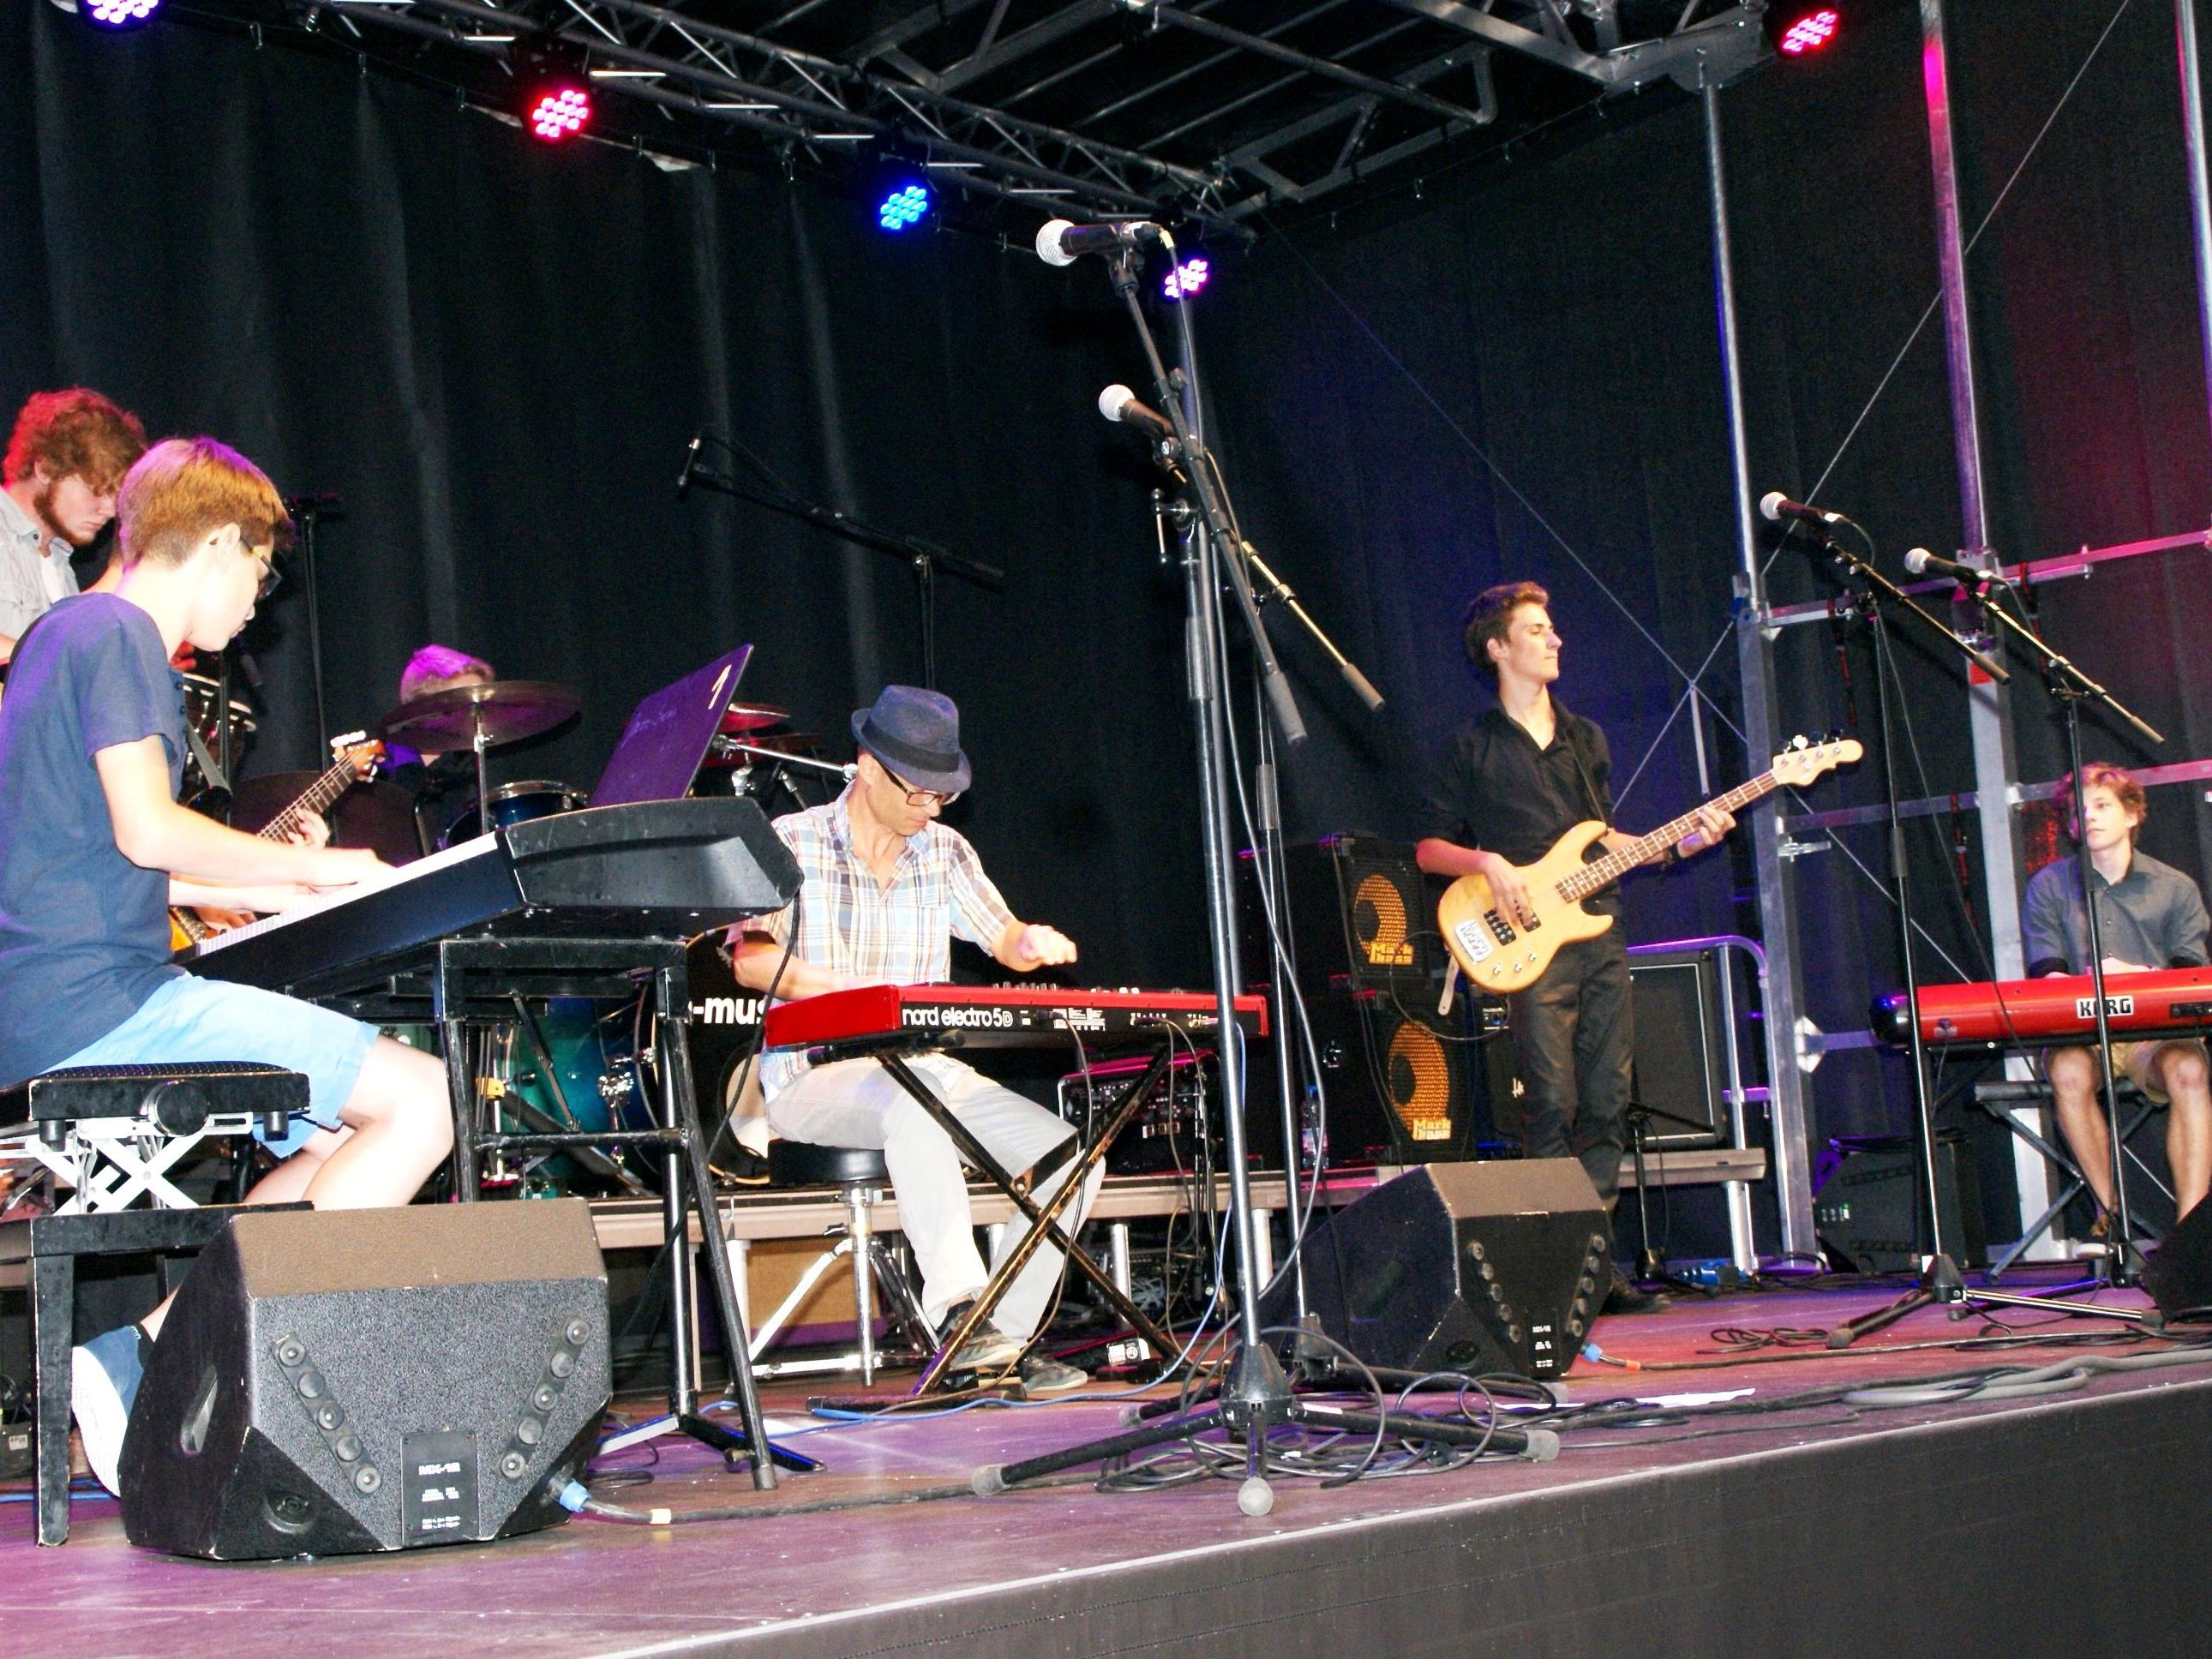 Die Rheintalische Musikschule präsentierte sich zum Auftakt der Sommer.Lust